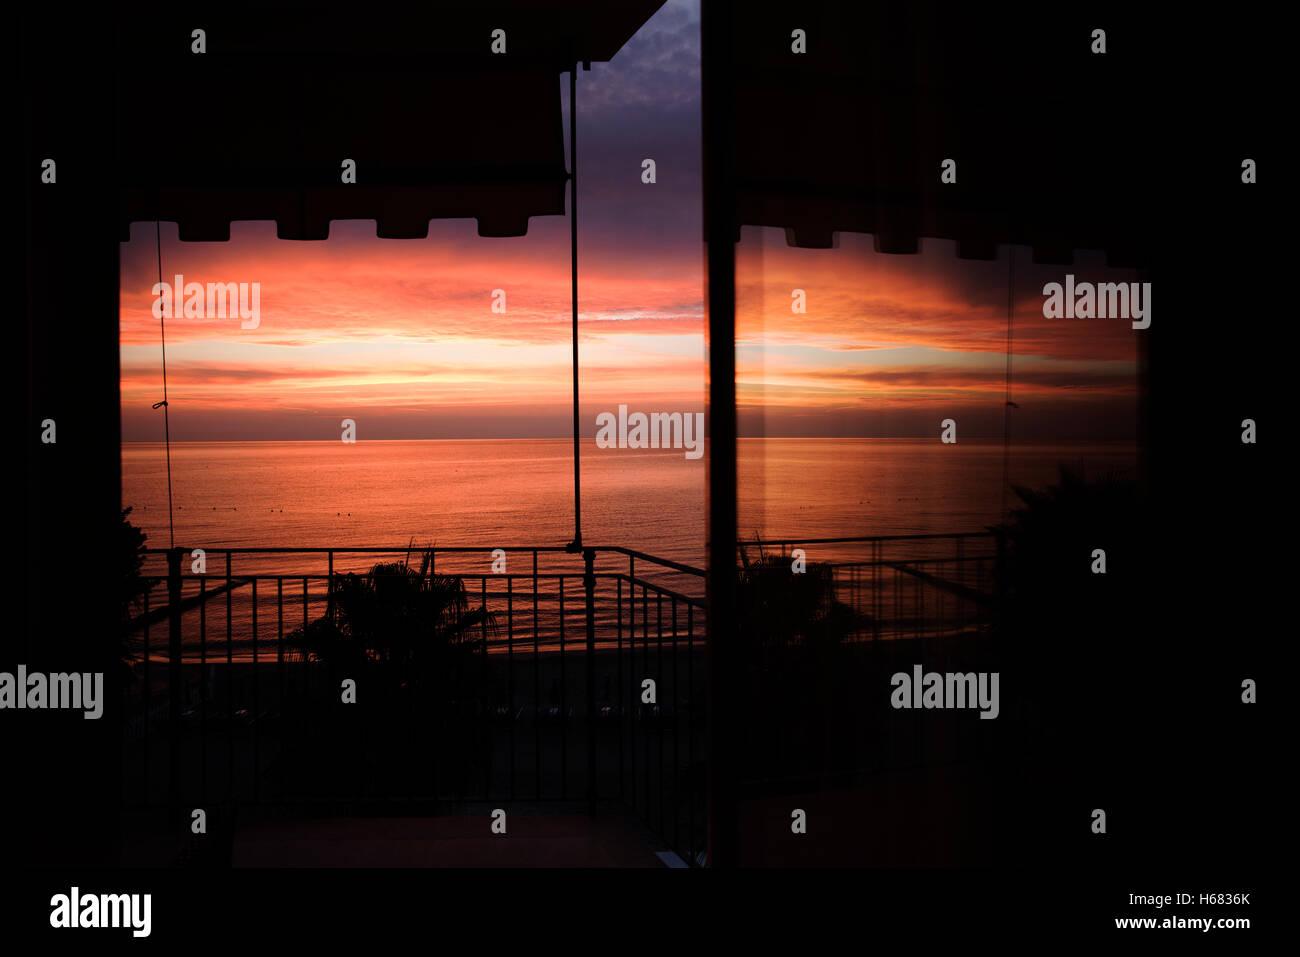 Diano Marina en la provincia de Imperia, en la región italiana de Liguria, Italia al amanecer cuando el sol se levanta Foto de stock